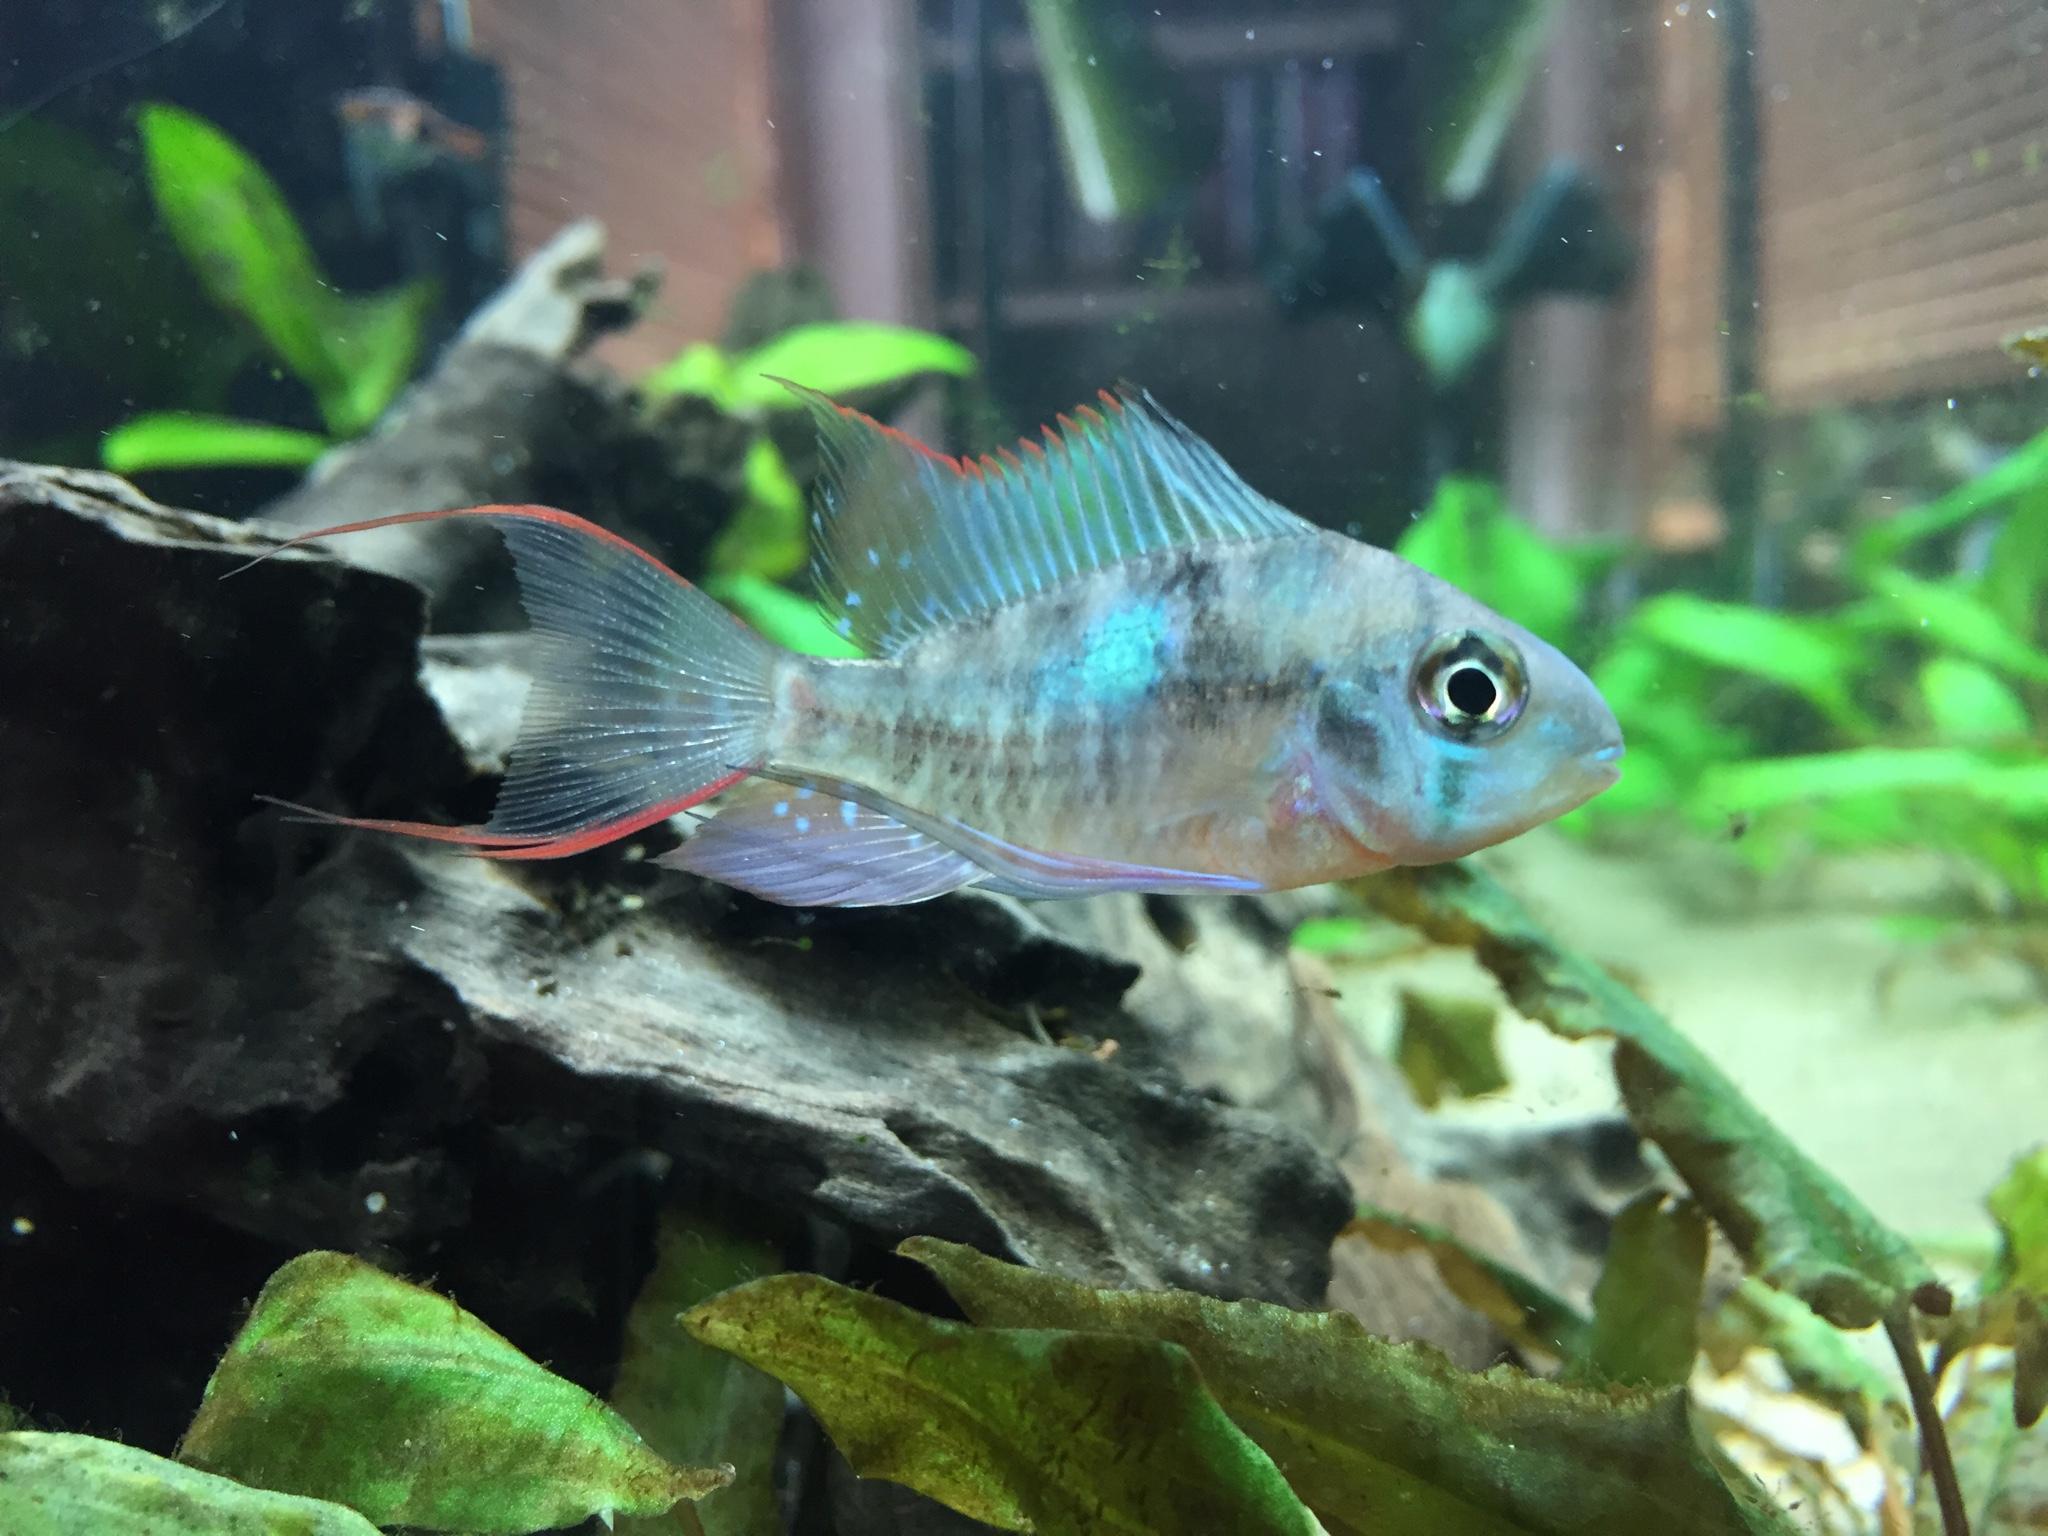 Freshwater aquarium fish internal parasites - Female Hopefully Ram With Her Worm